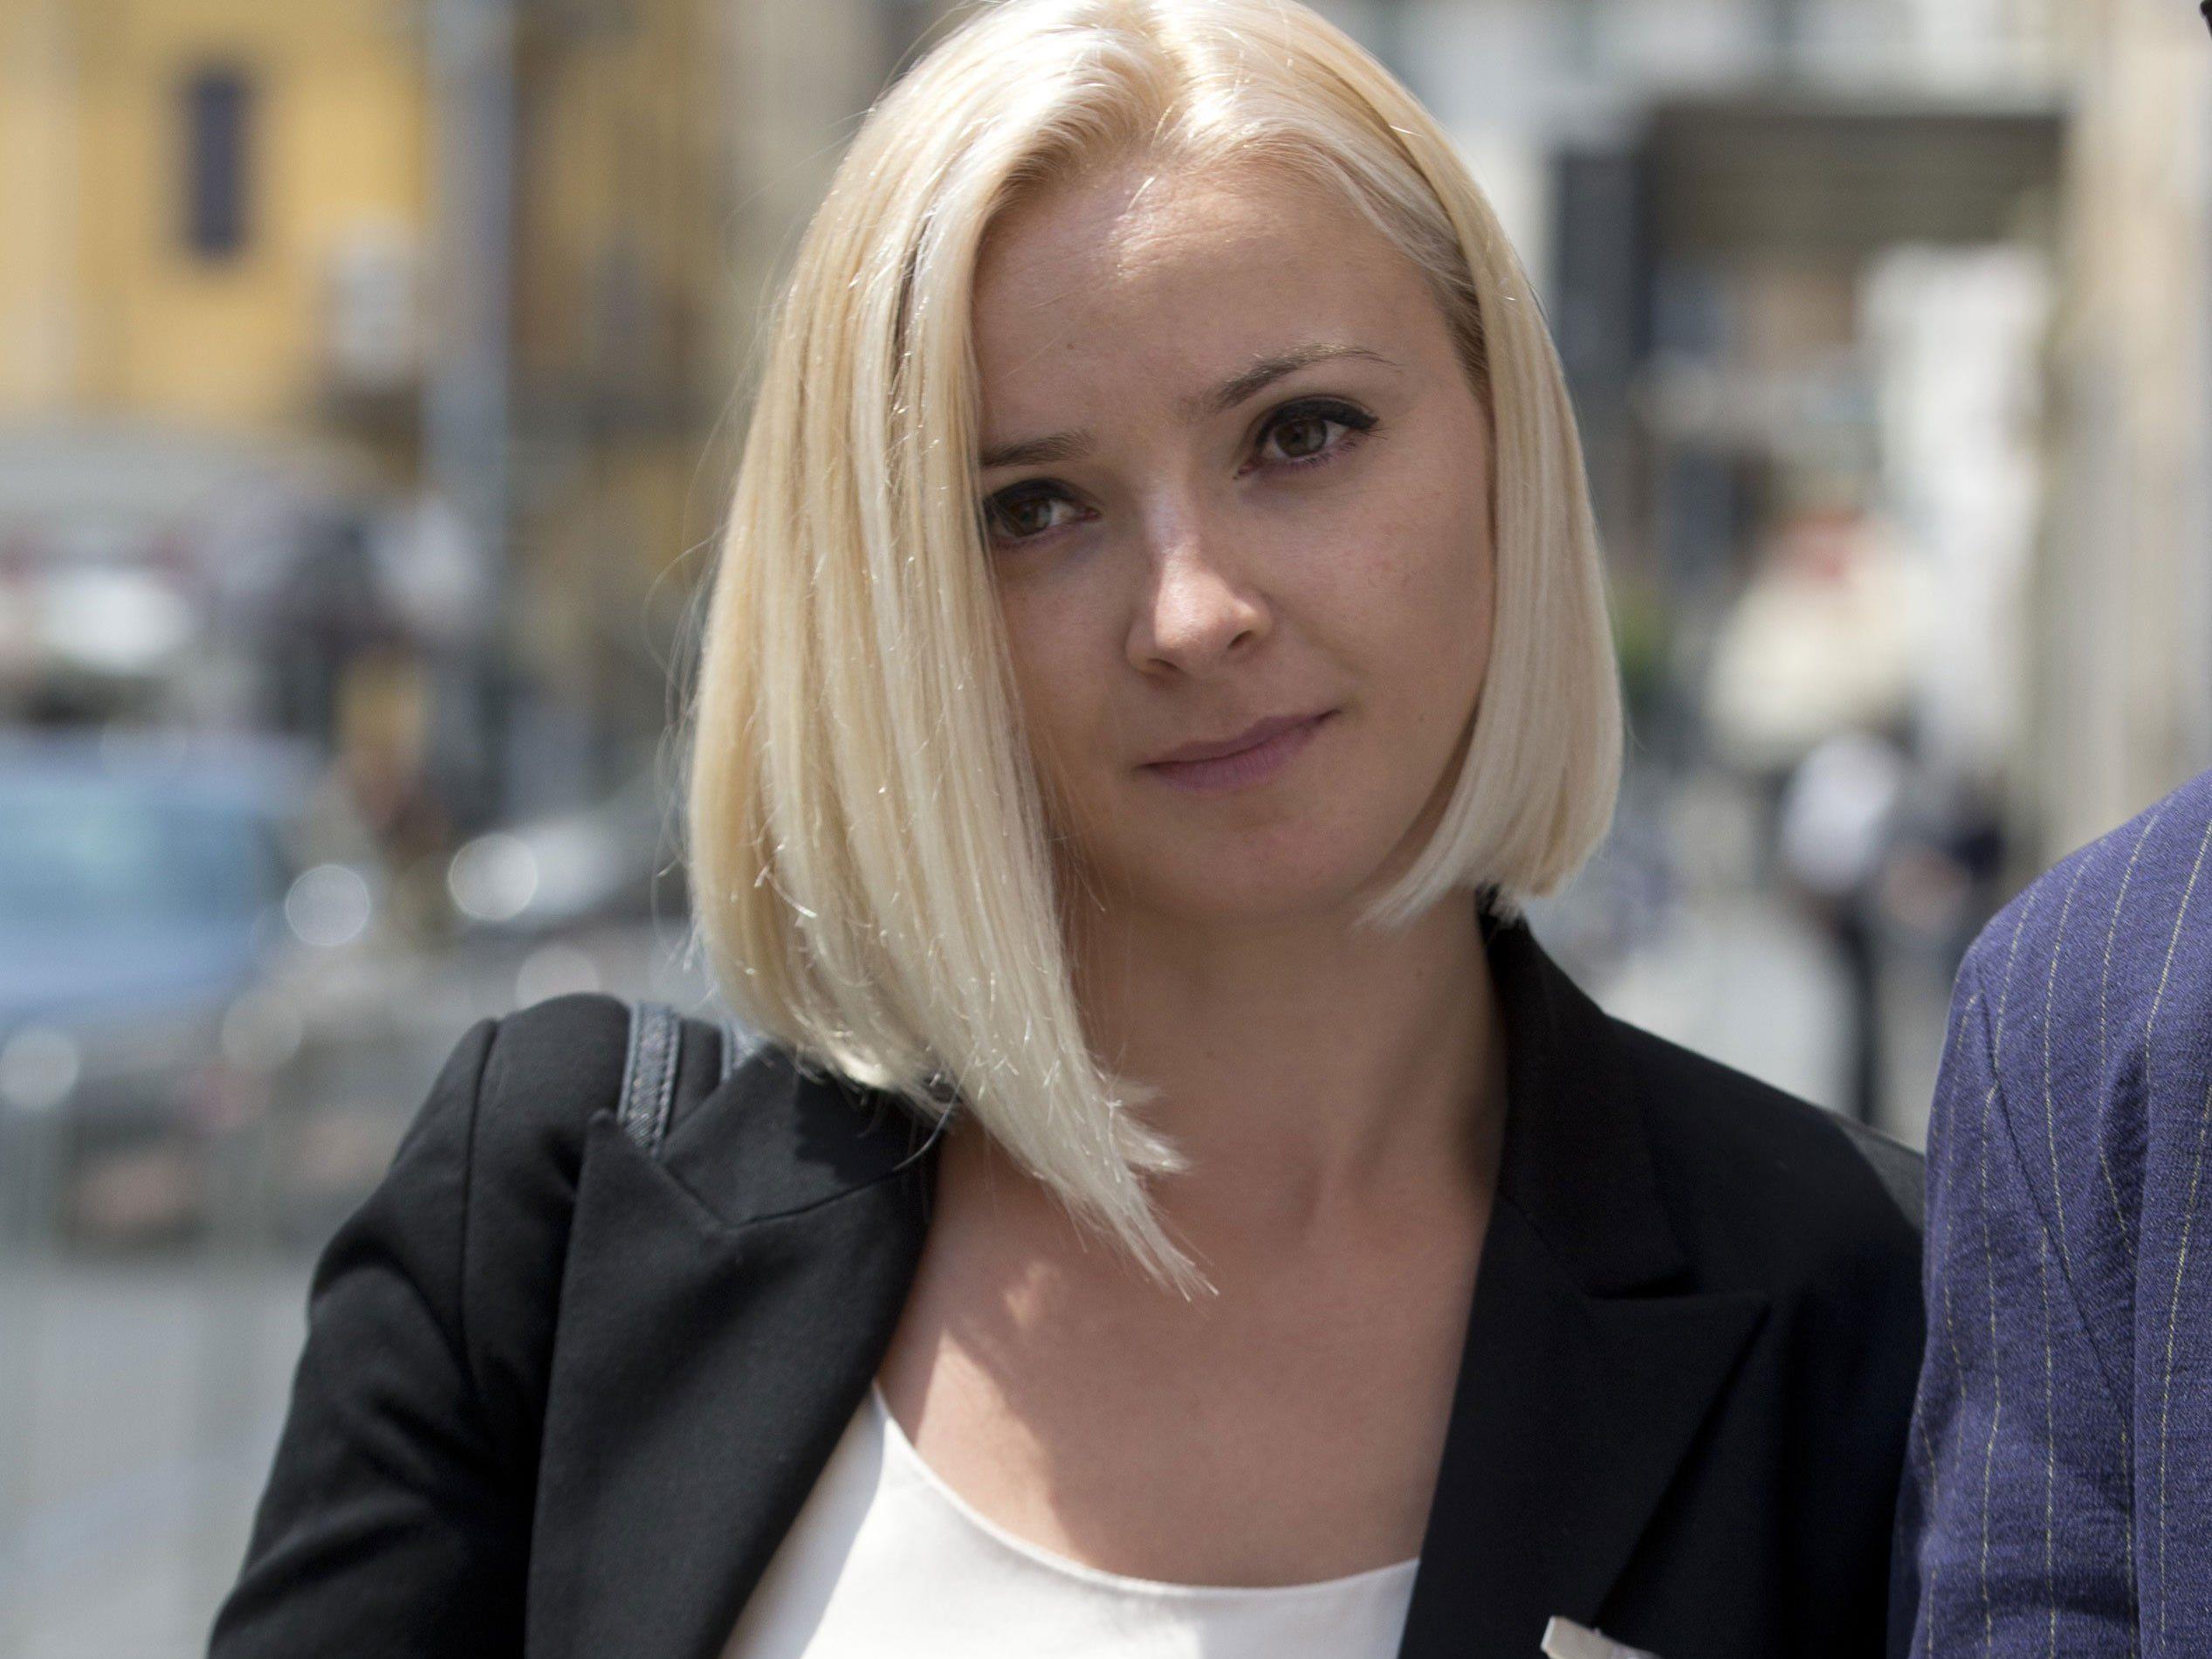 """Domnica Tschemortan habe einen doppelten Schaden als Passagierin und wegen des """"Medienangriffes"""" erlitten."""